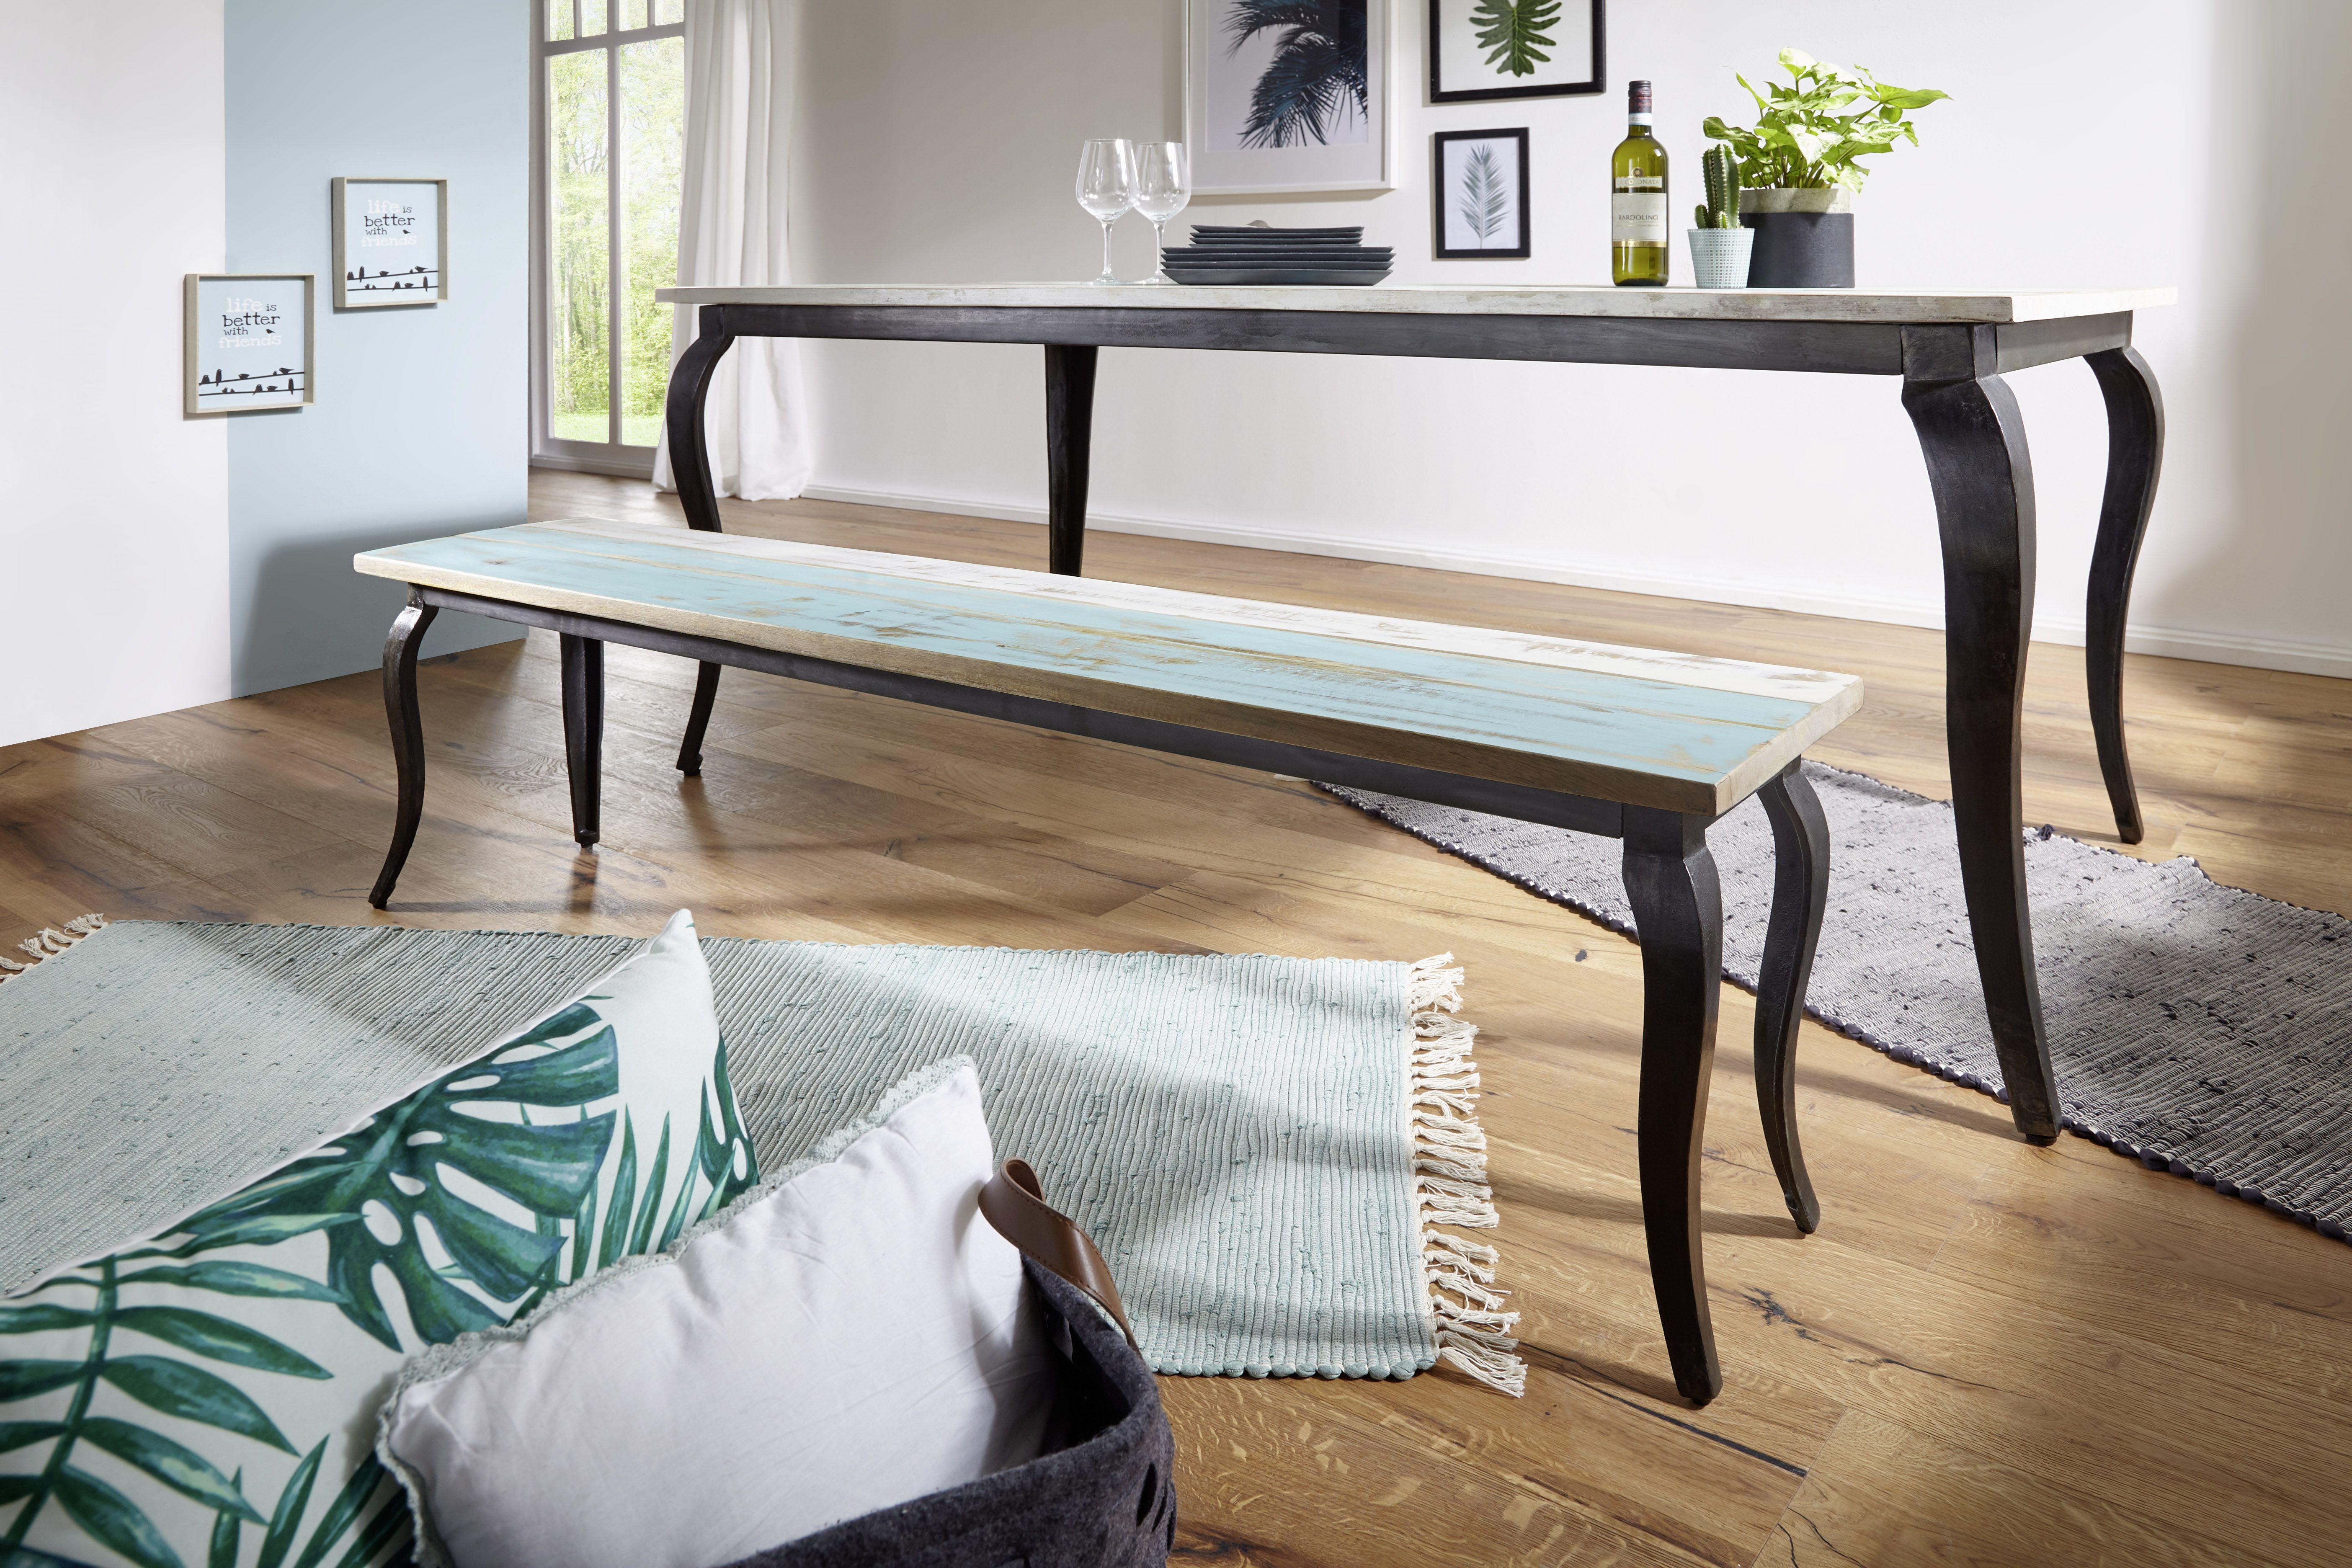 Esszimmer mit küche wohnling esszimmerbank lina wl aus massivholz esszimmer küche